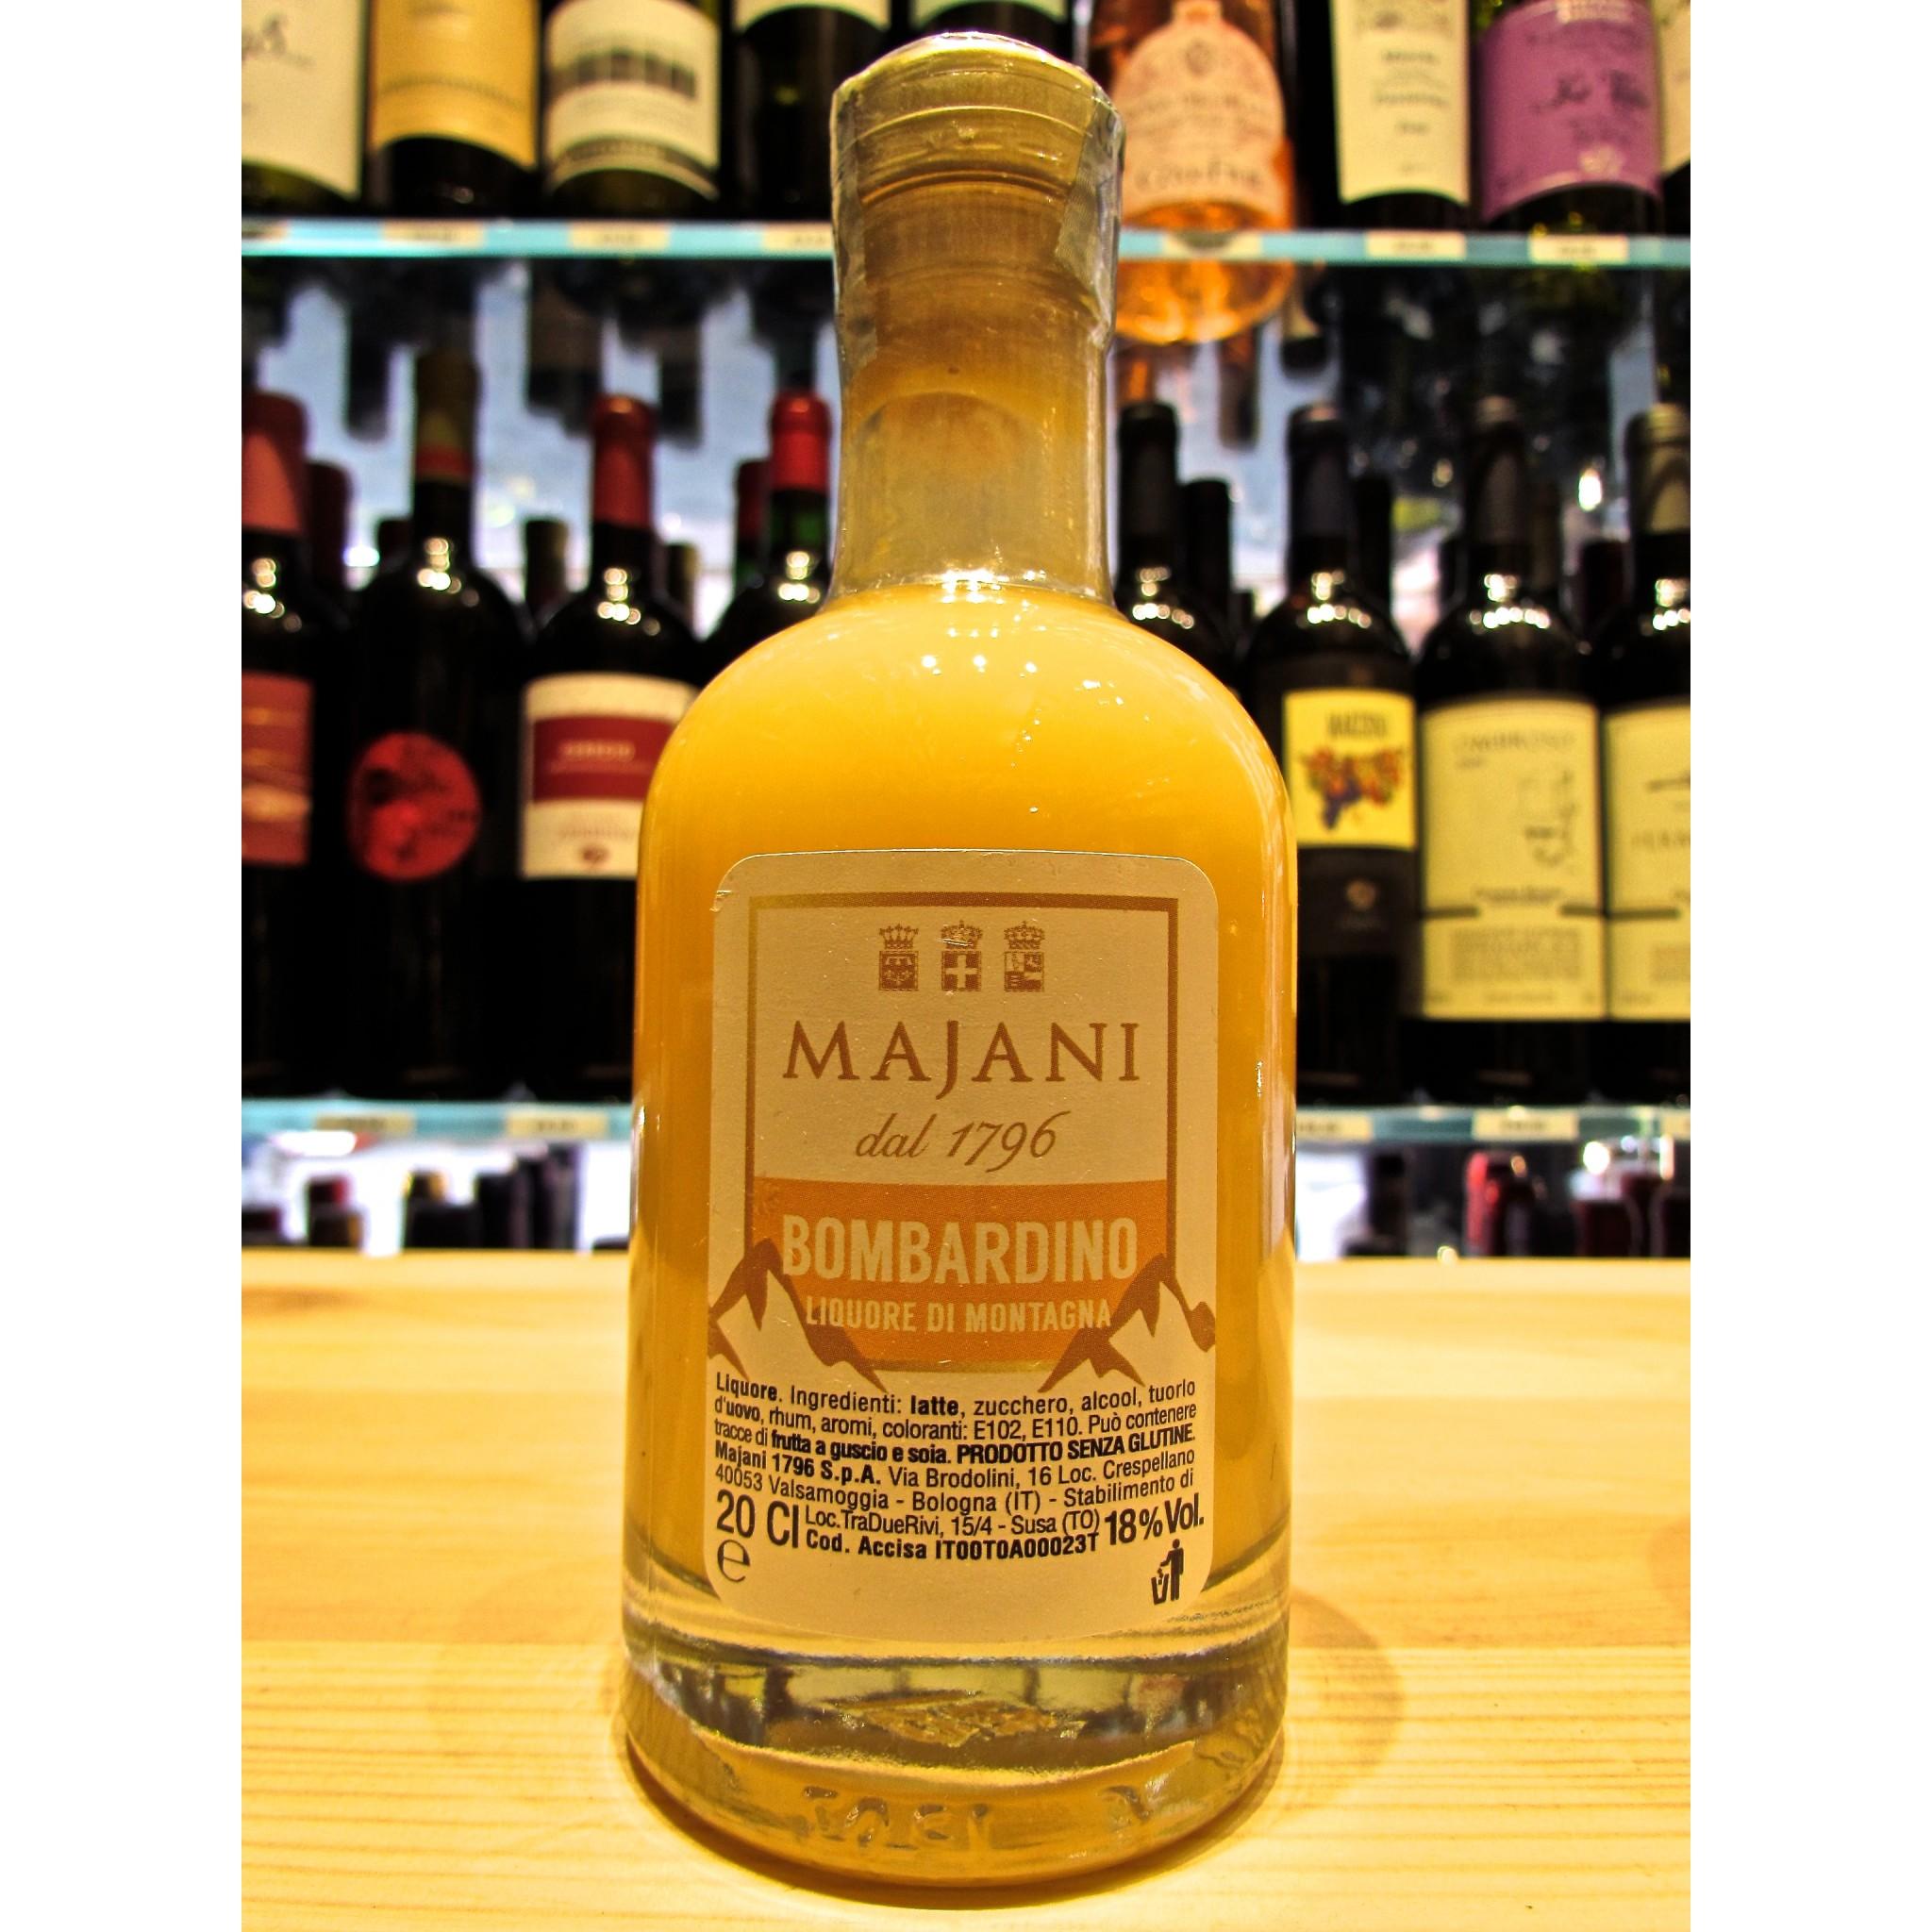 Buy Online Sales Italian Liquor Bombardino Majani Bologna